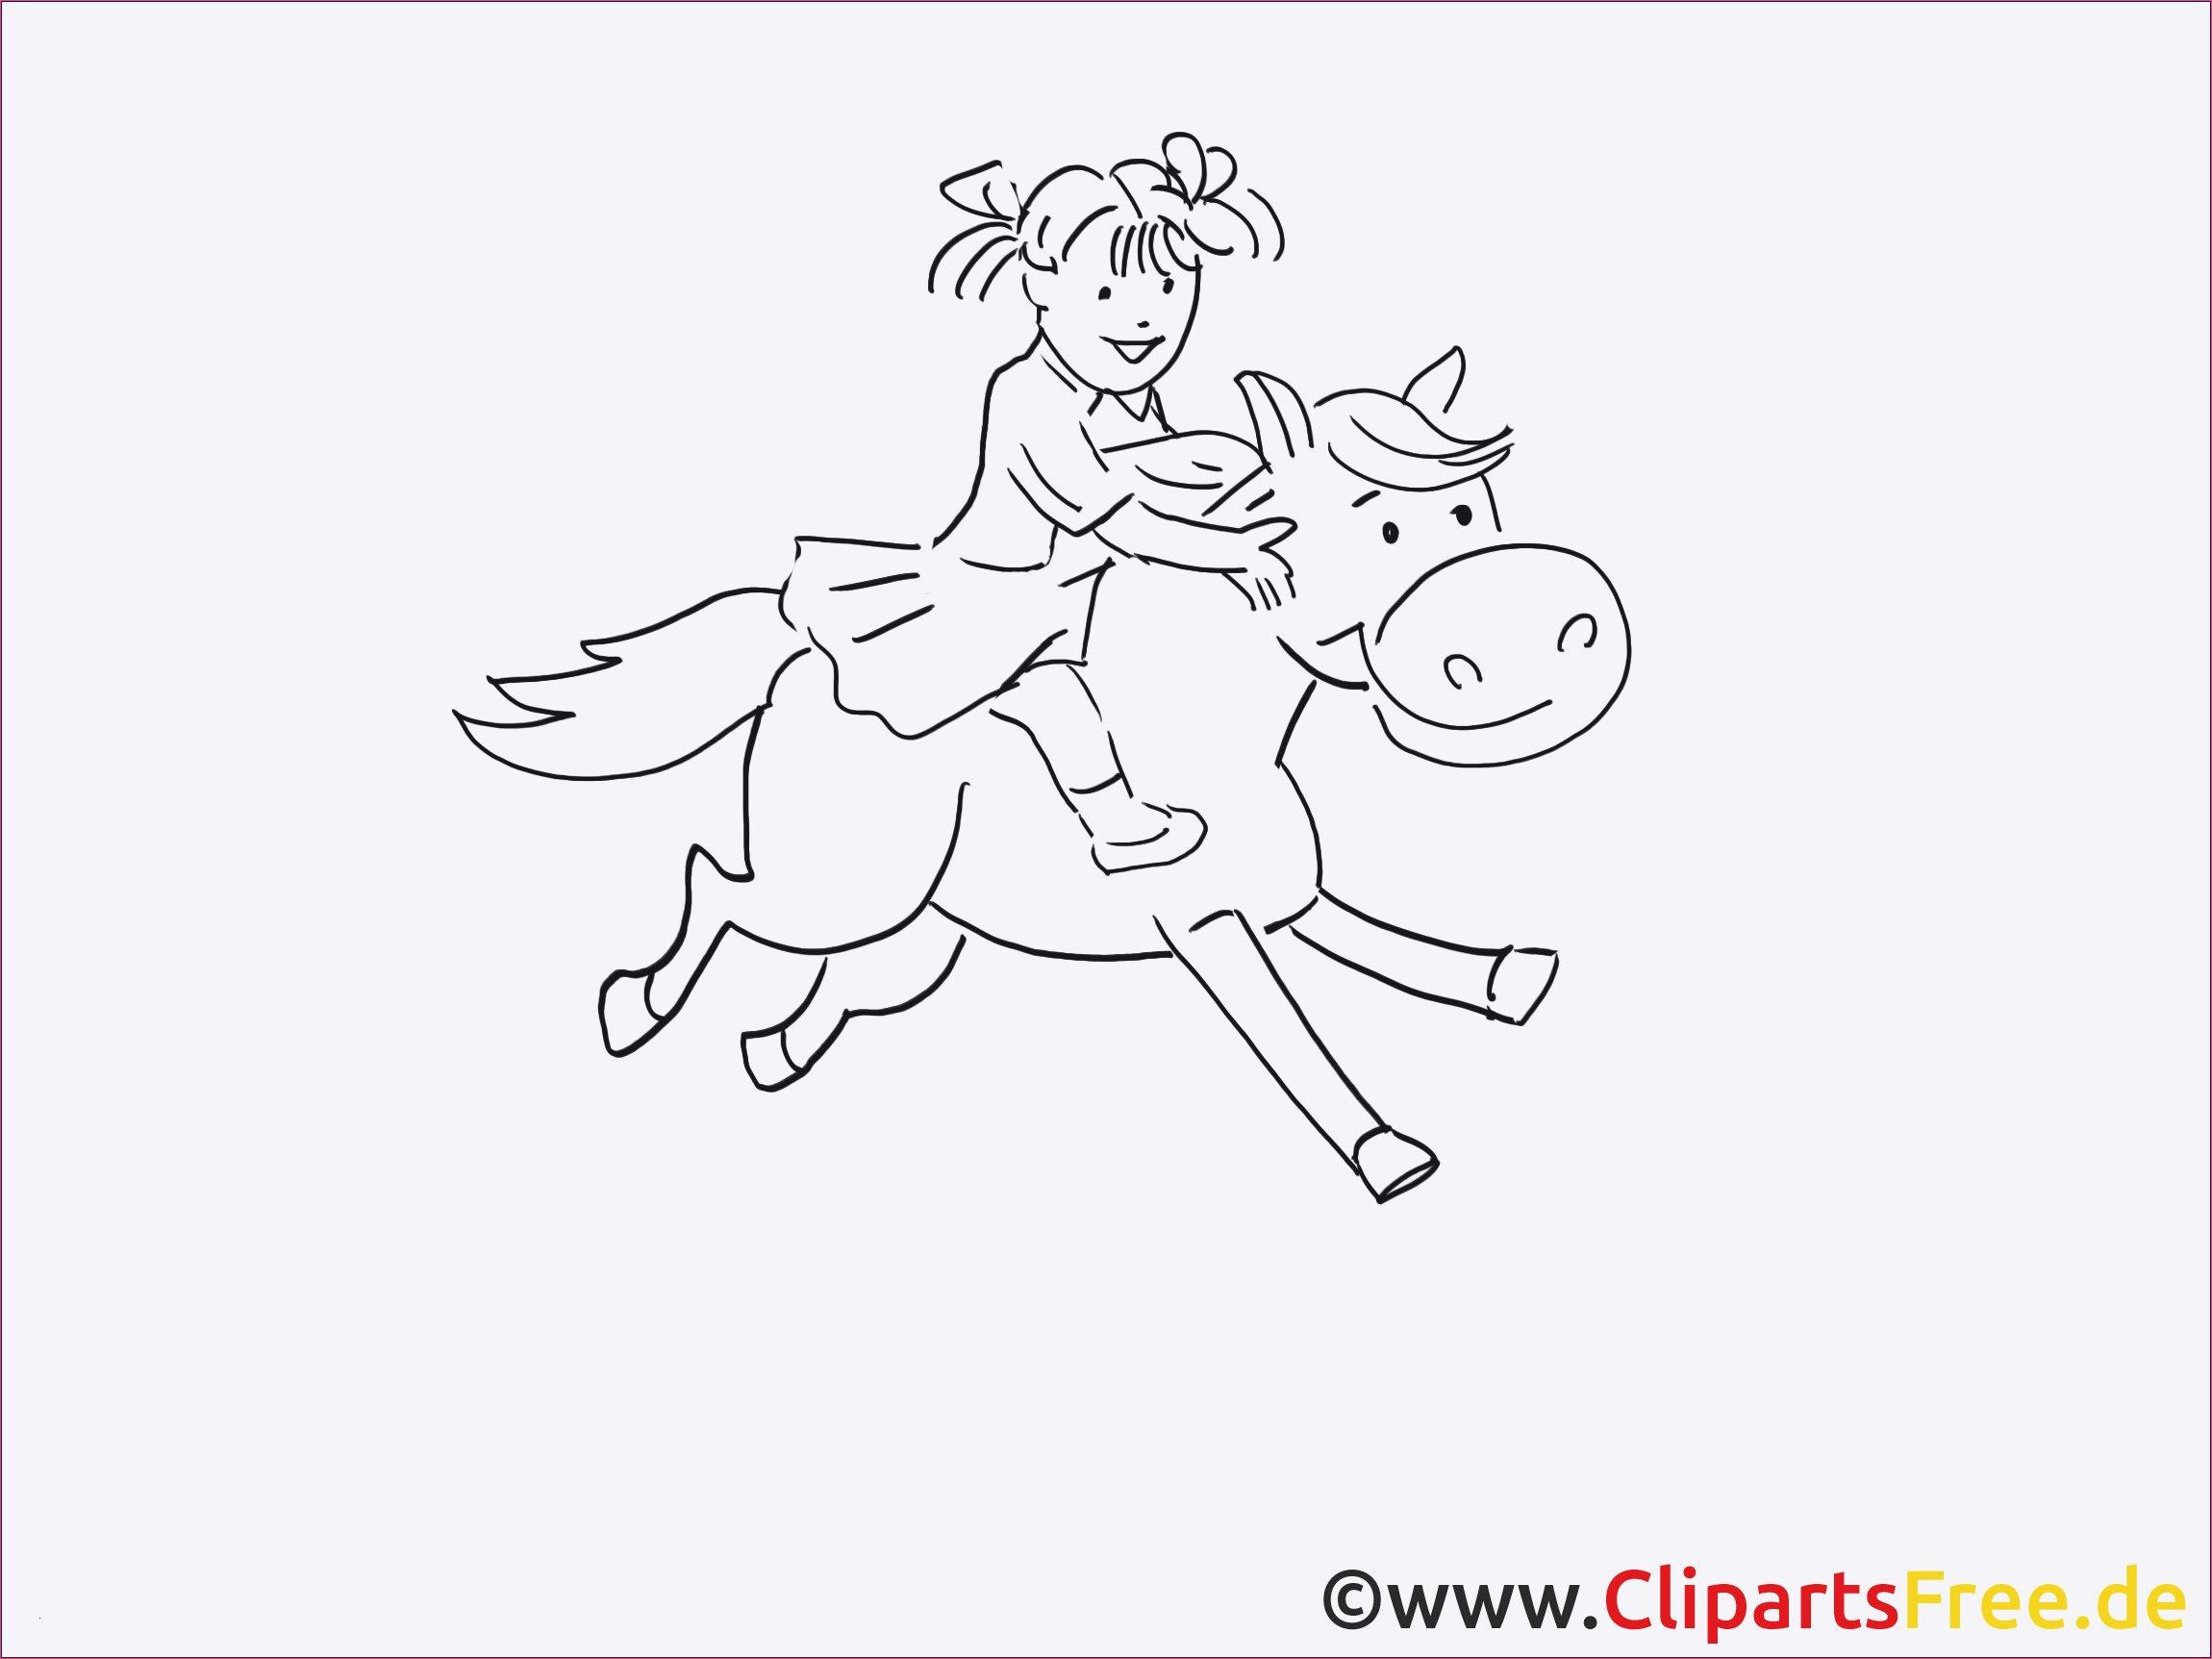 Bibi Und Tina Ausmalbilder Zum Drucken Kostenlos Genial Ausmalbilder Pferde Mit Madchen Neu Bibi Und Tina Ausmalbilder Schön Sammlung